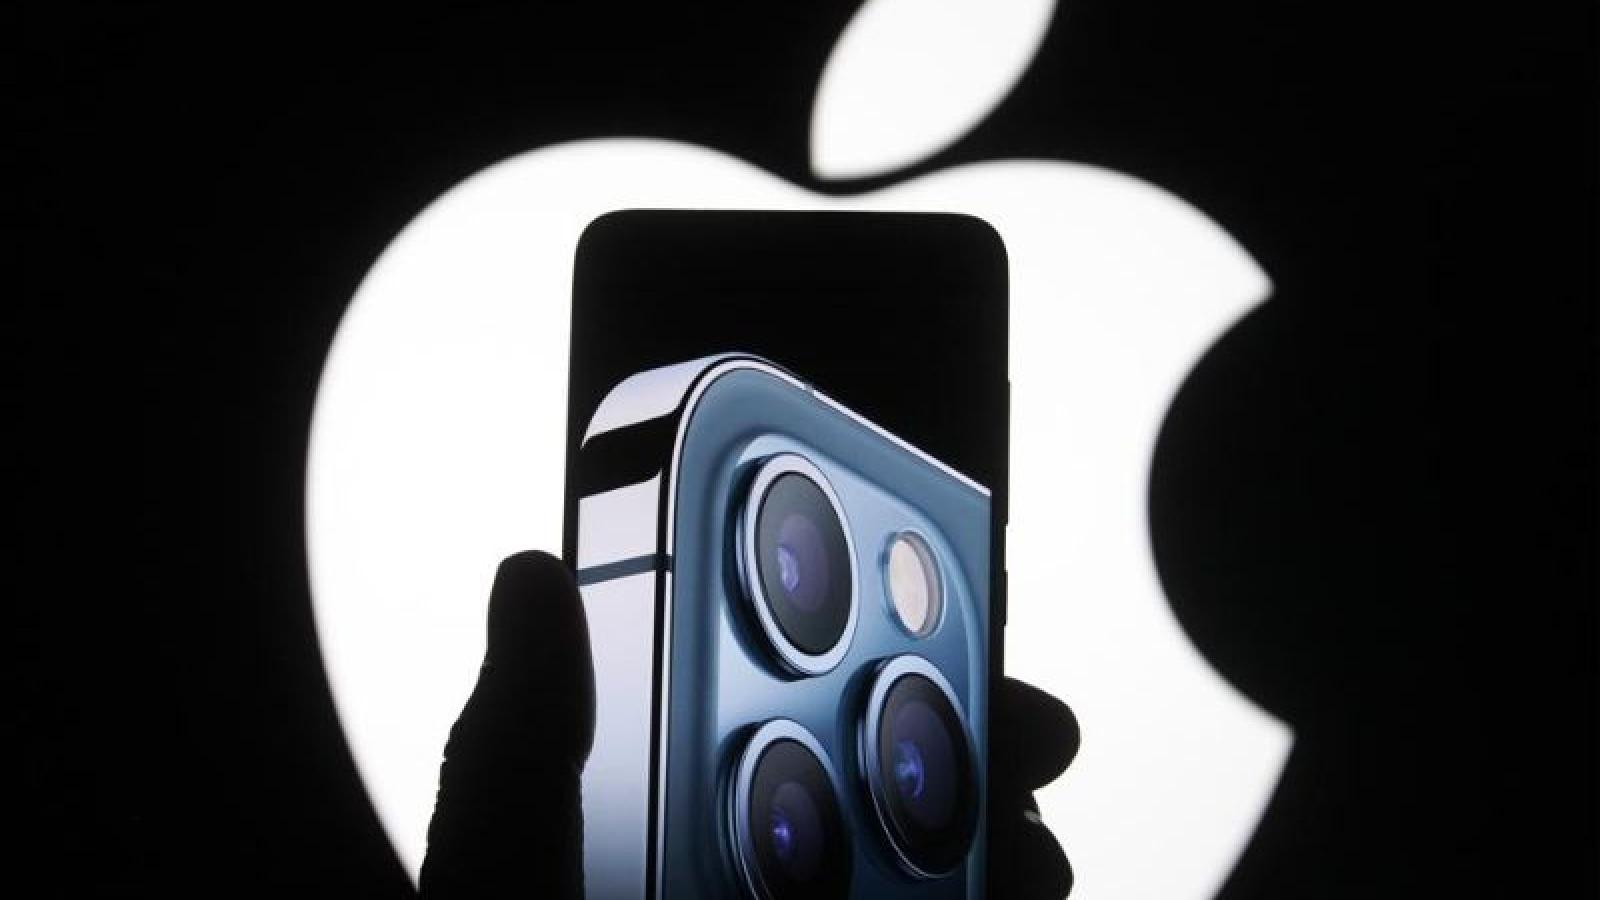 Apple phát hành iOS 14.4.2, cảnh báo người dùng iPhone nên cập nhật